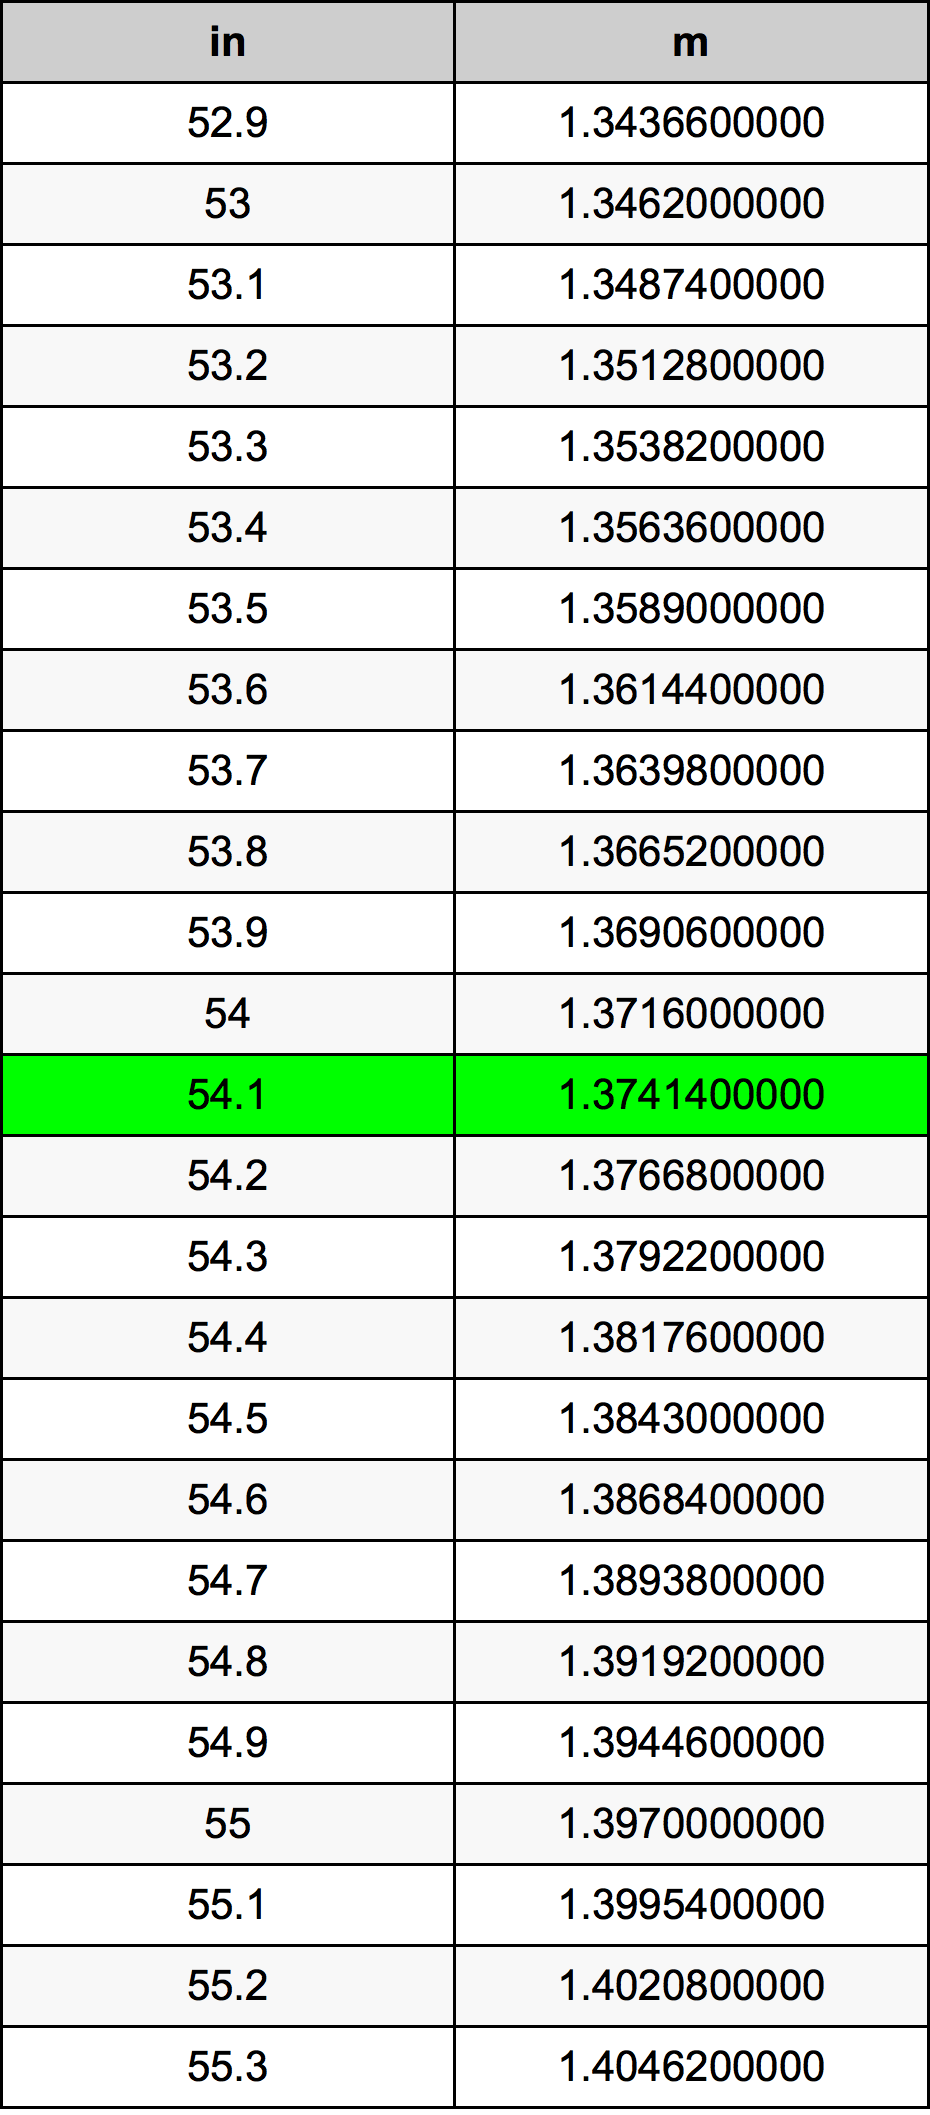 54.1 ίντσα Πίνακας Μετατροπής